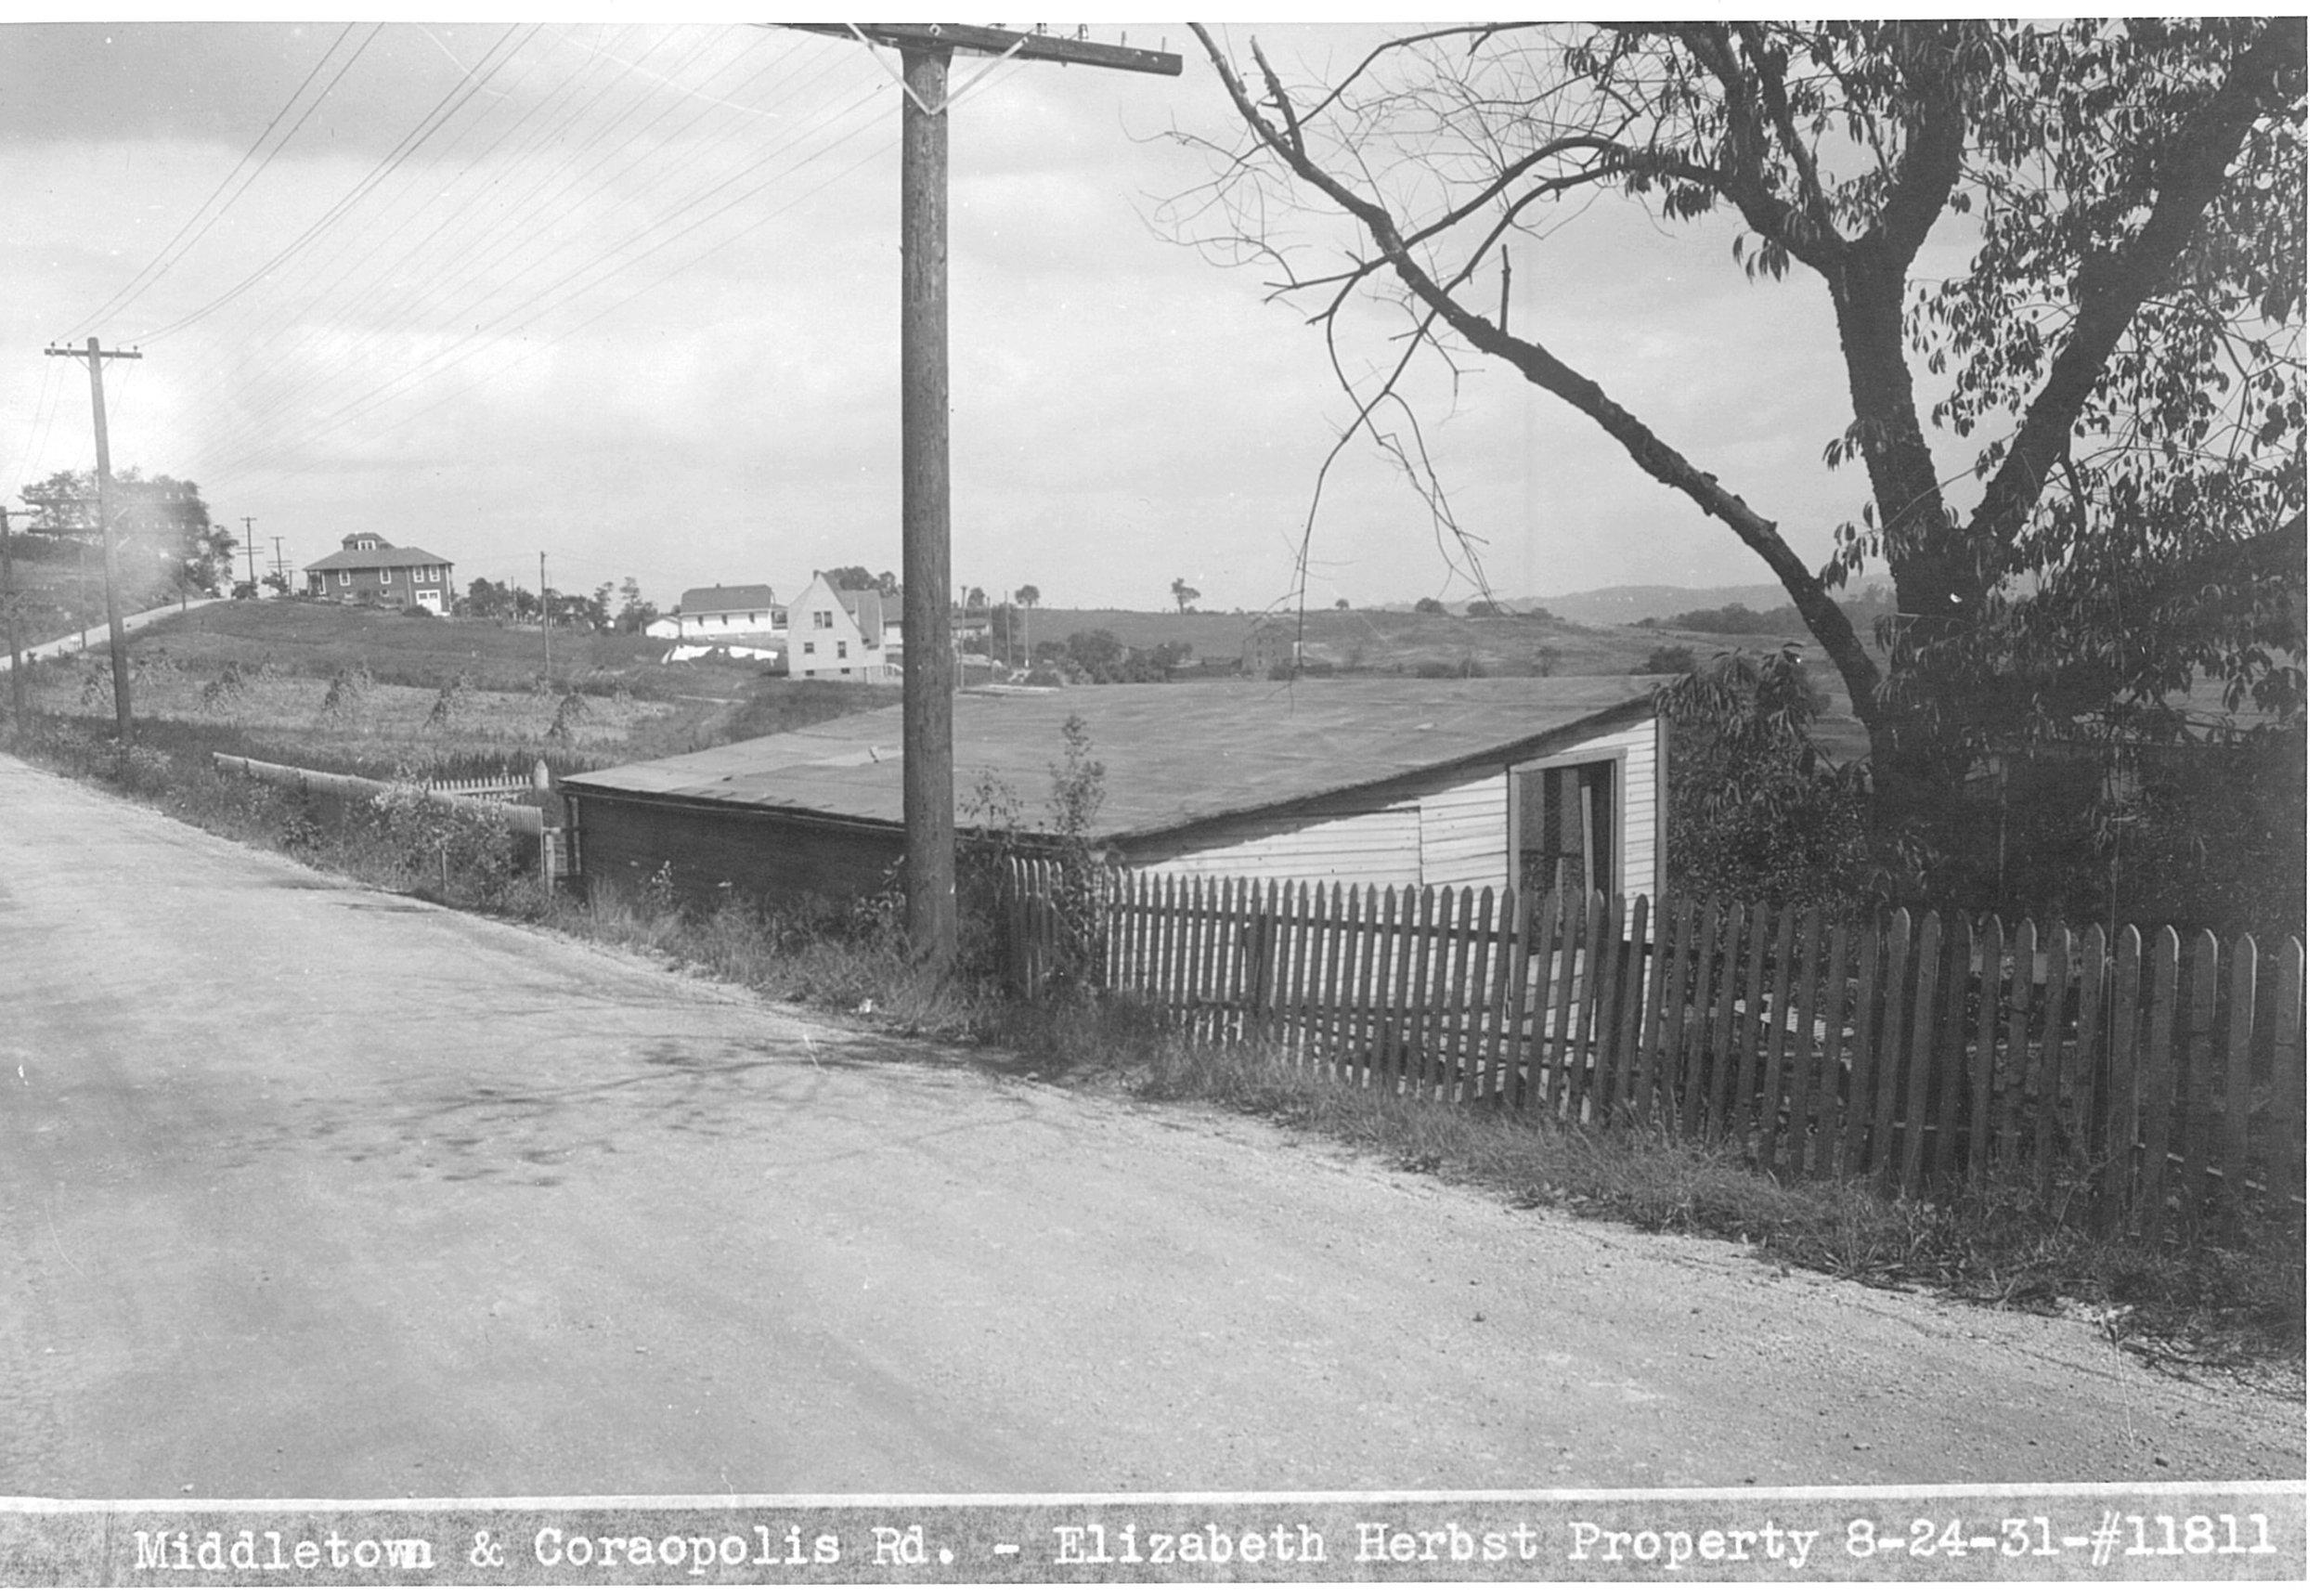 380 Middletown Coraopolis Rd 8-24-31 Elizabeth Herbst property.jpg